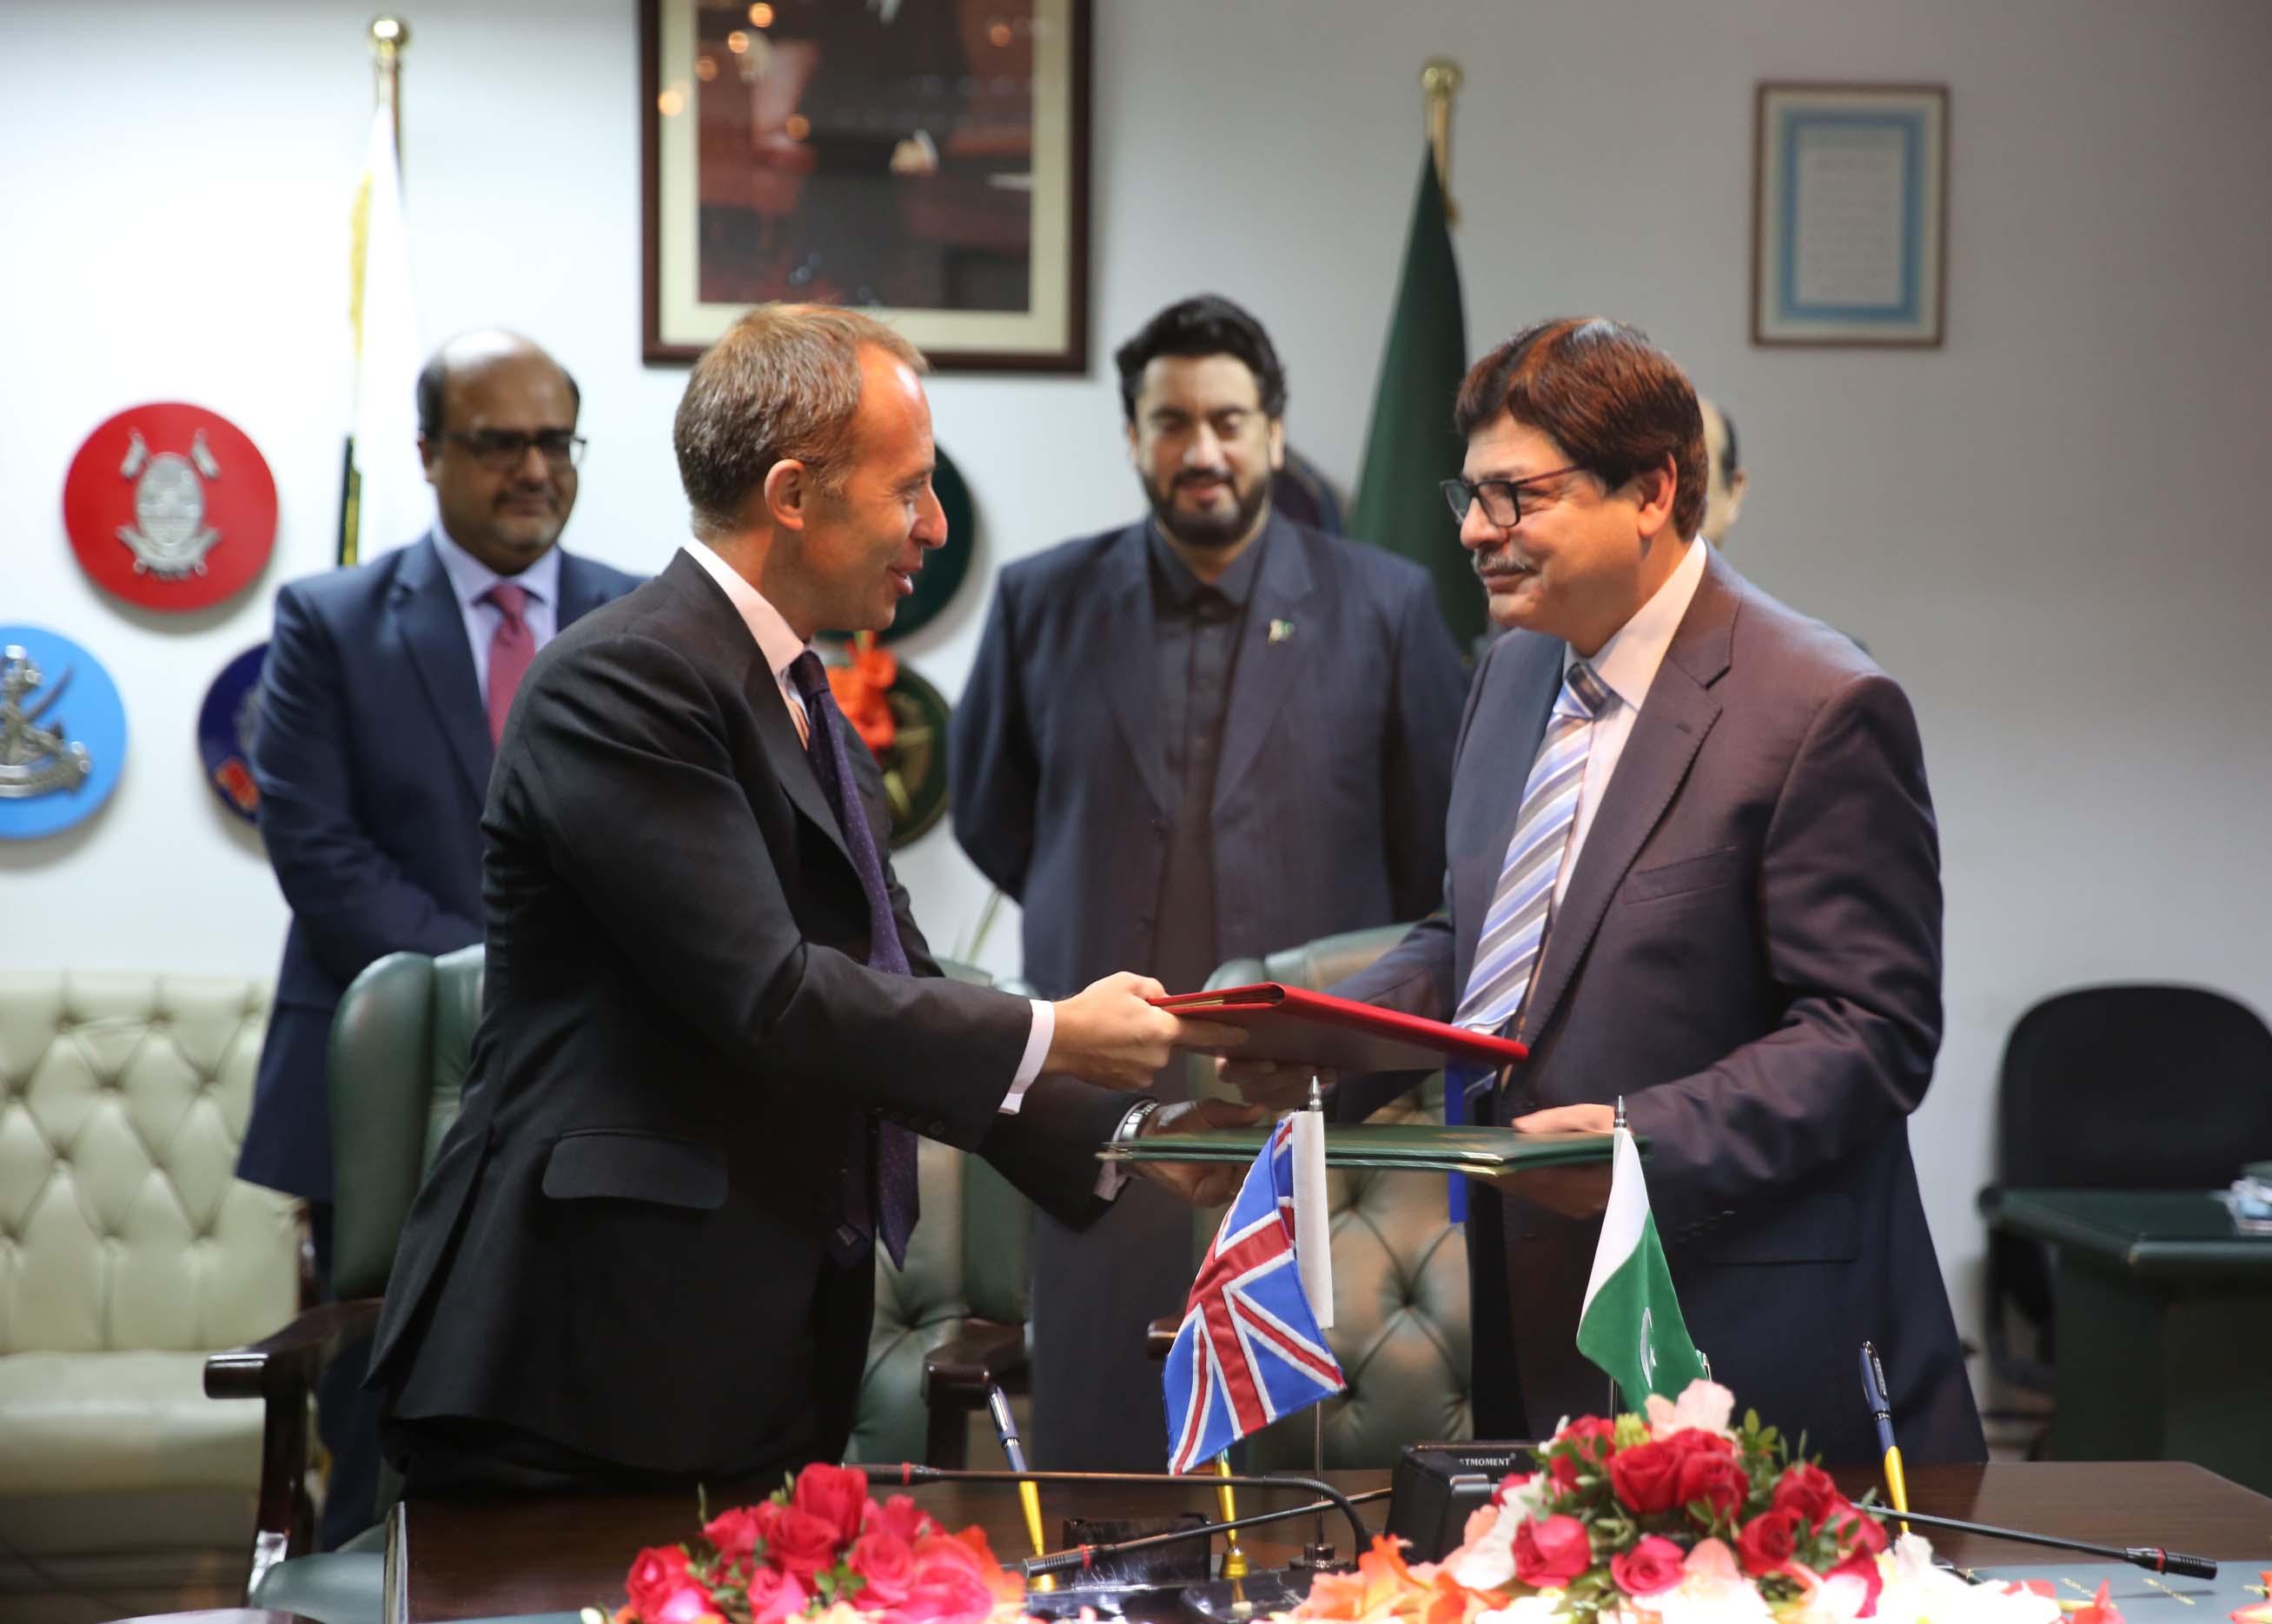 UK, Pakistan sign prisoner transfer agreement